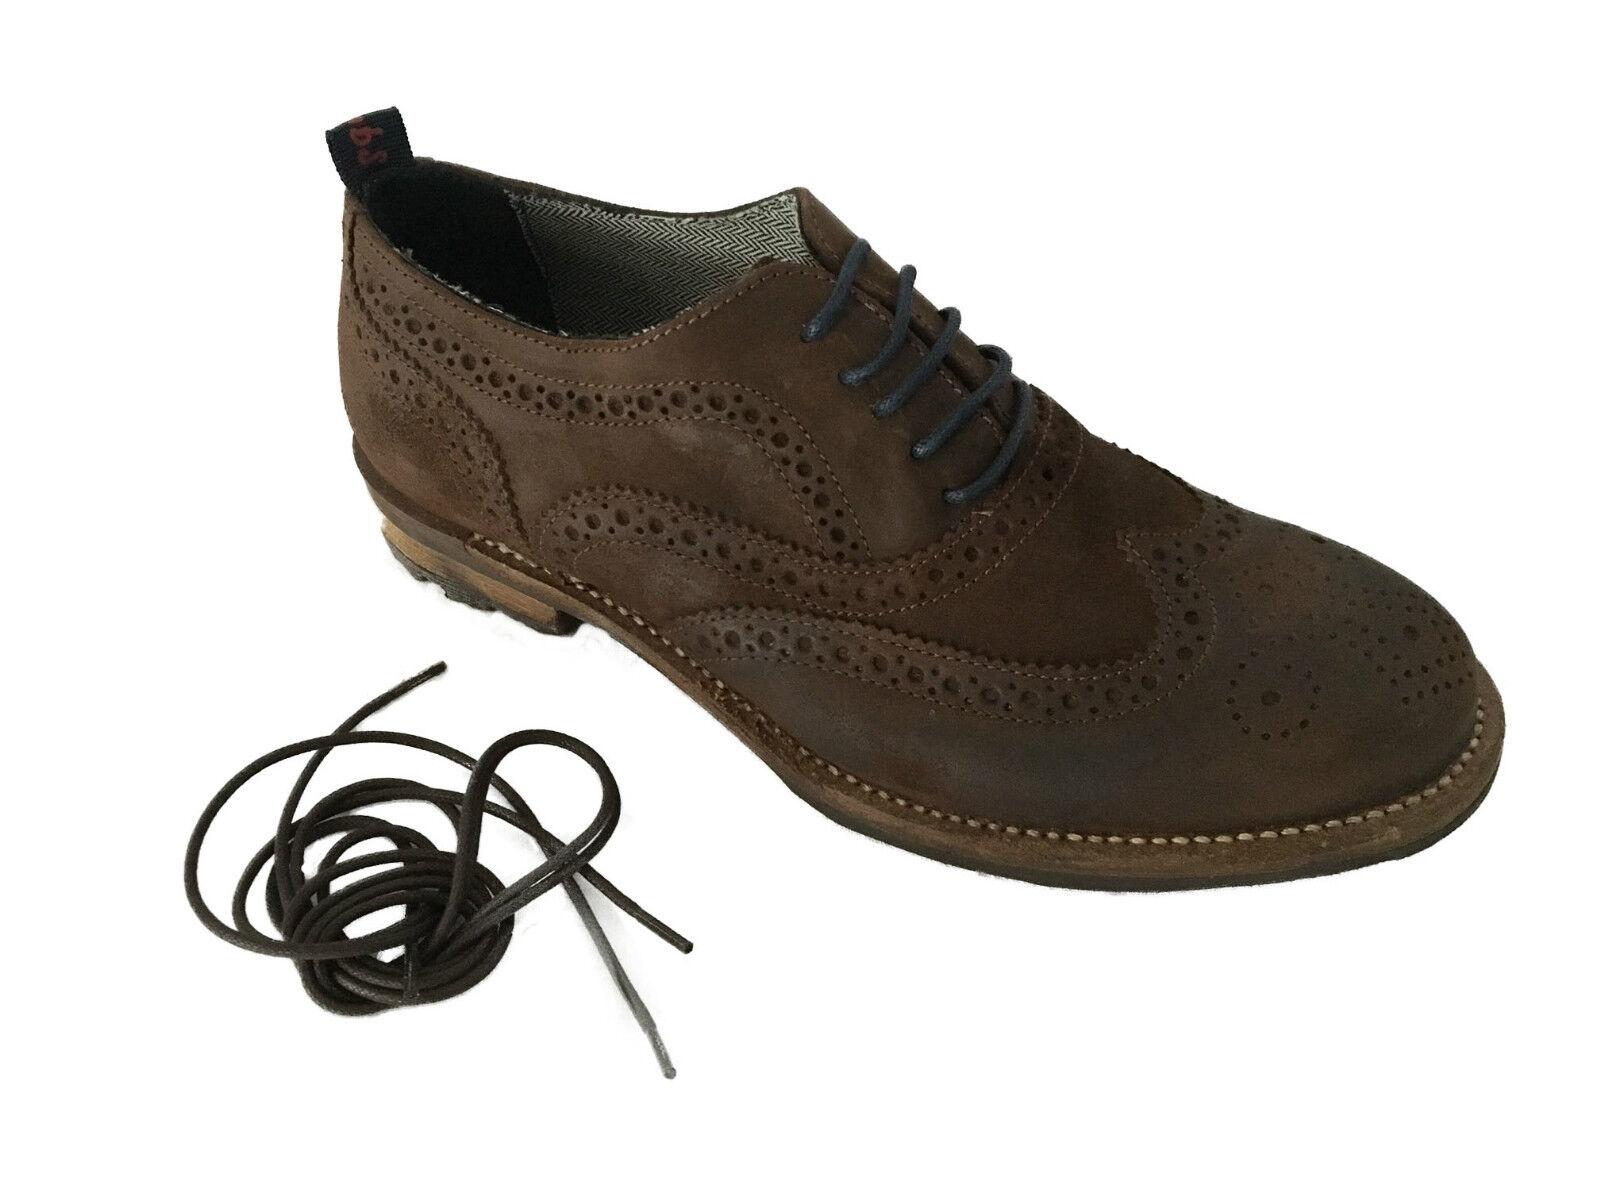 SNOBS zapato hombre mogano lacci lacci lacci blu con ricambi moro mod CHARLIE M MADE IN ITALY a10abb